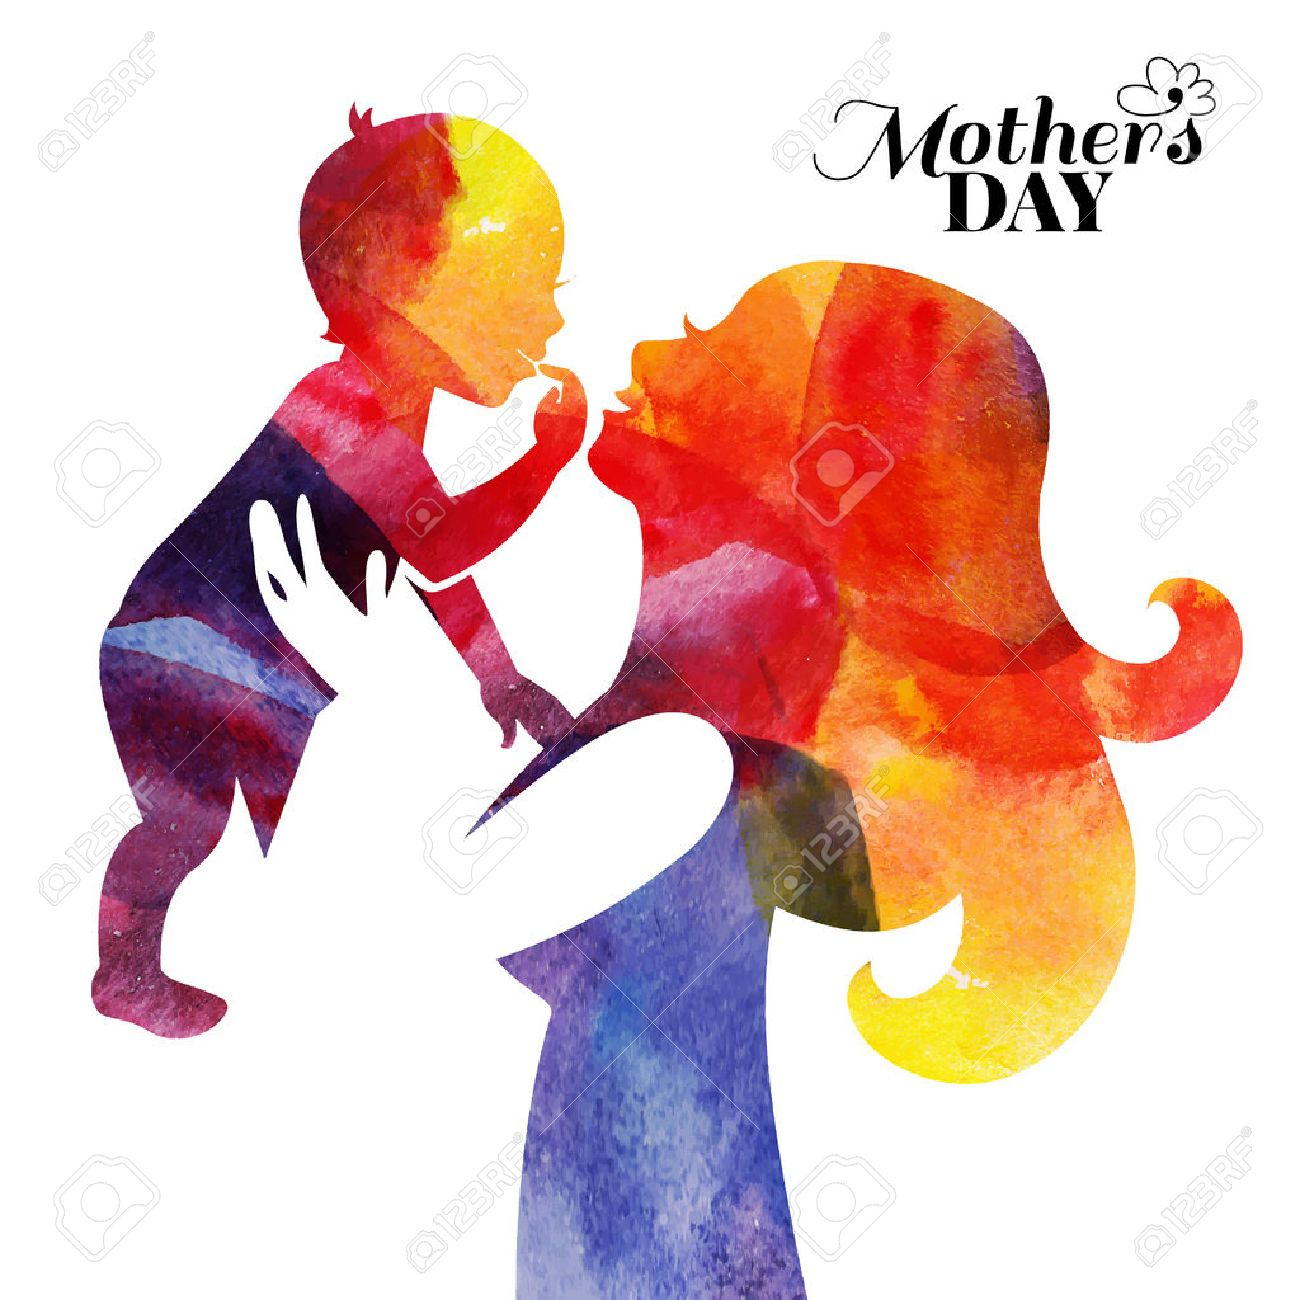 Asociaci n Madres de plaza de Mayo